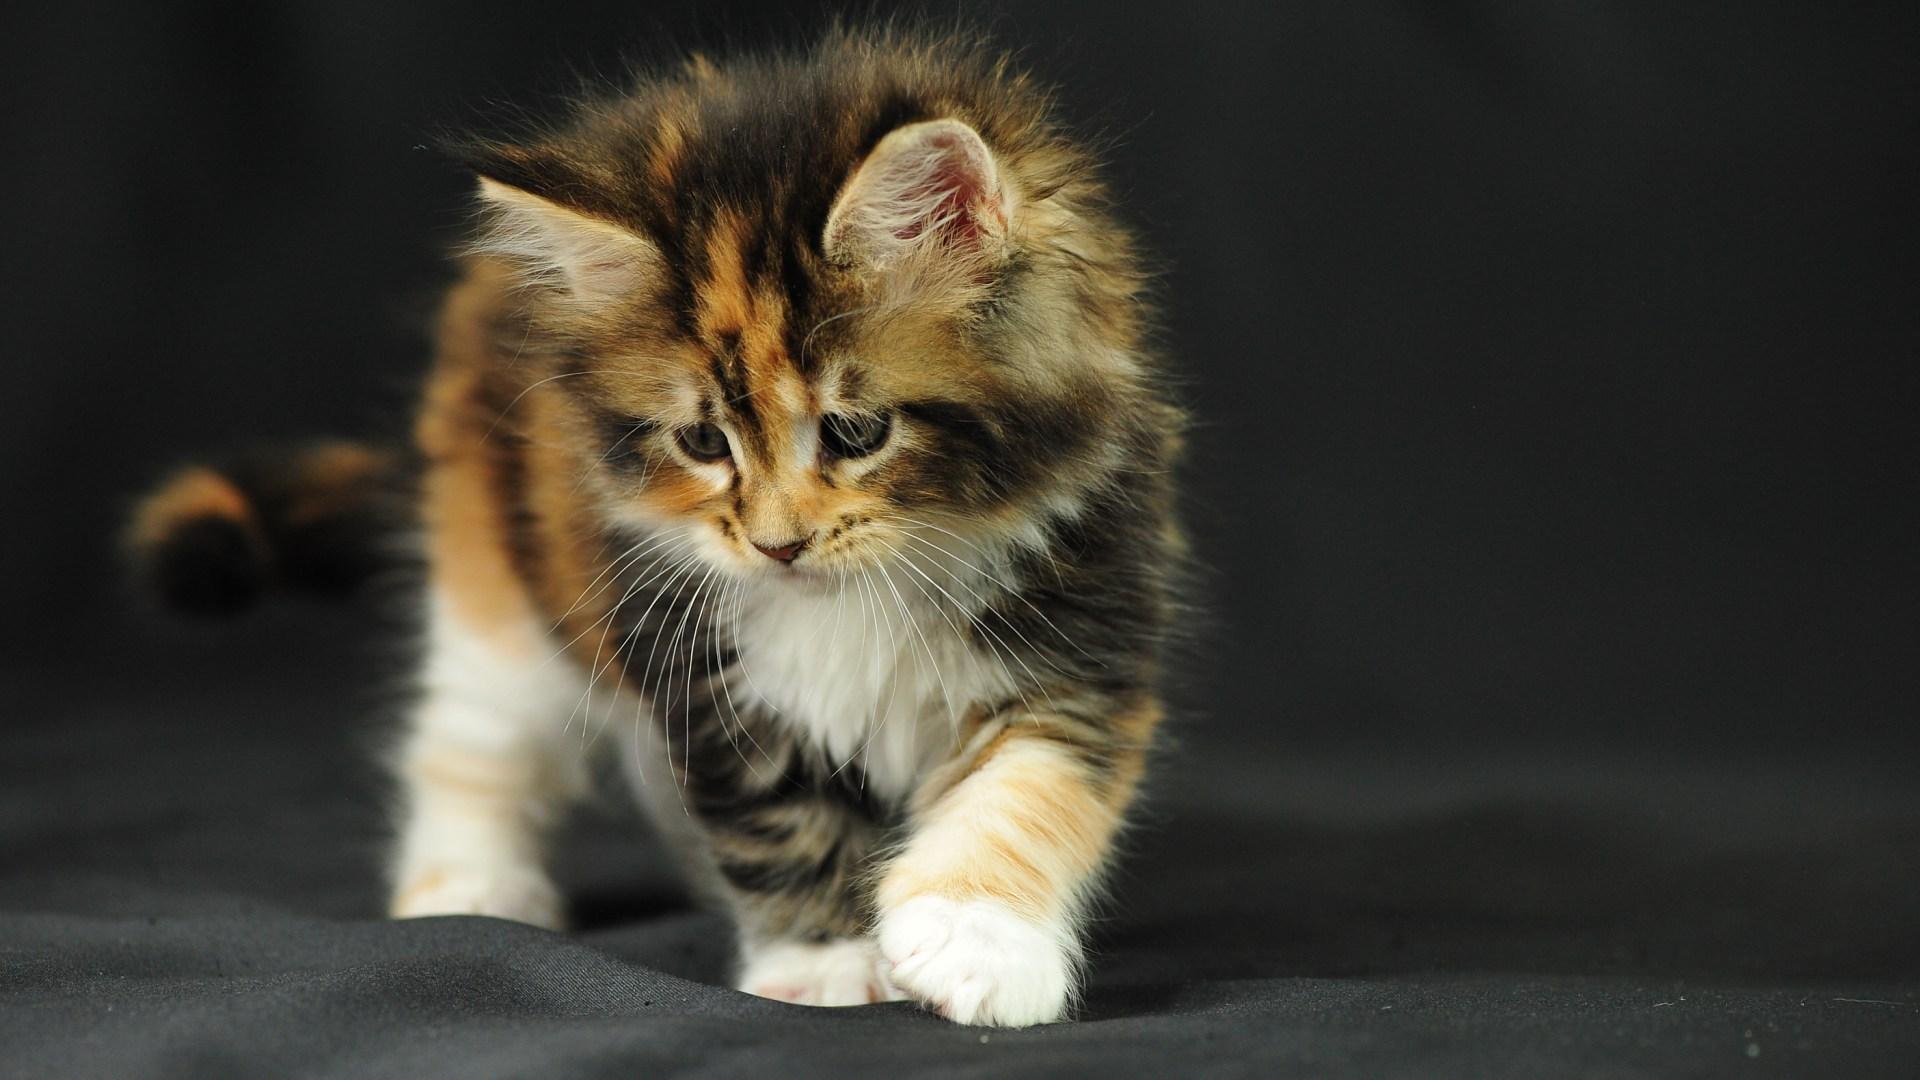 котенок хвост дыбом поле бесплатно